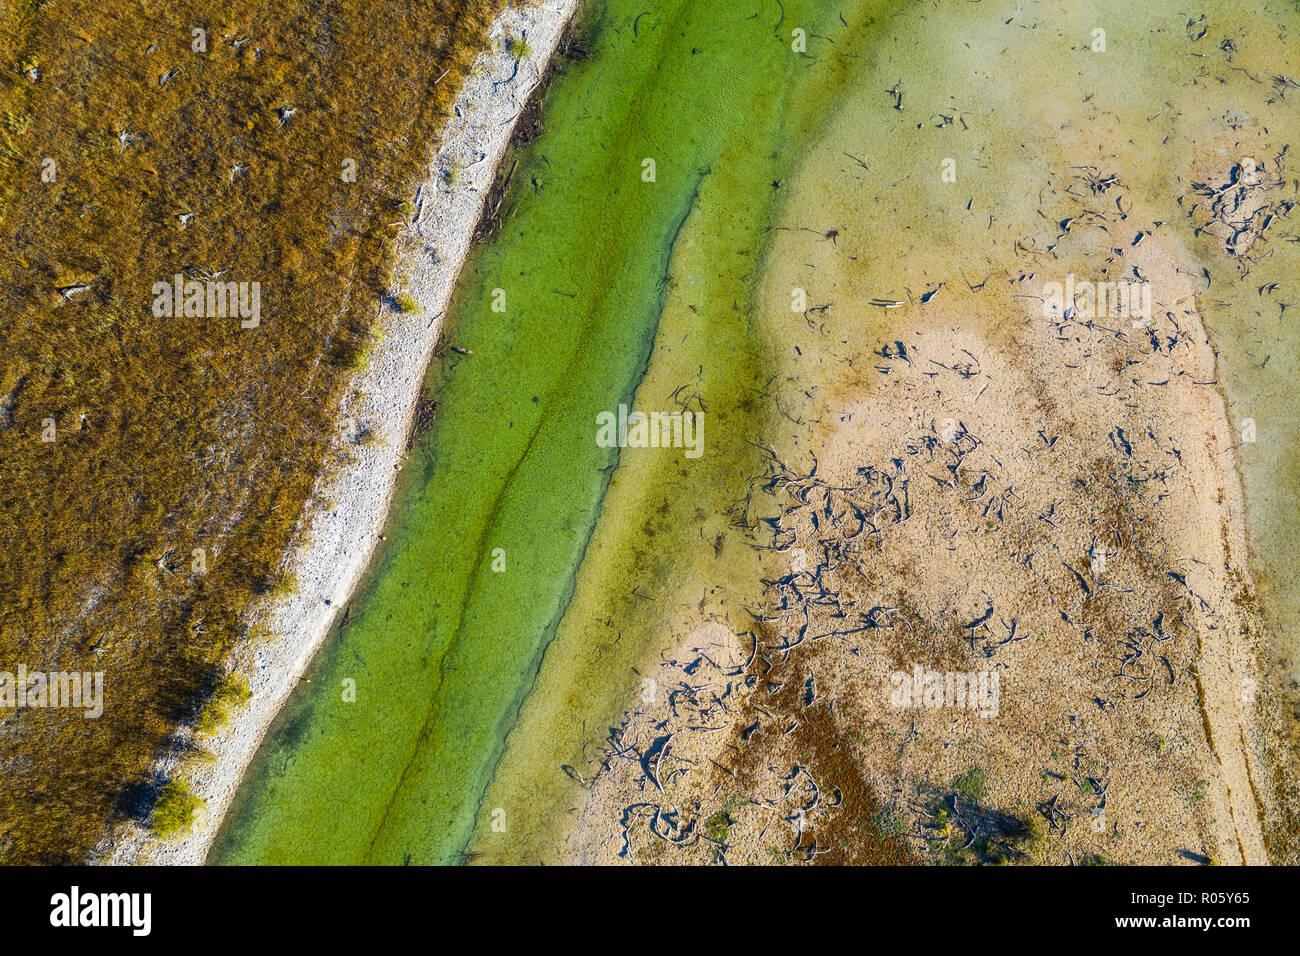 Sylvensteinsee, Sylvenstein Dam, drone image, Lenggries, Isarwinkel, Upper Bavaria, Bavaria, Germany - Stock Image